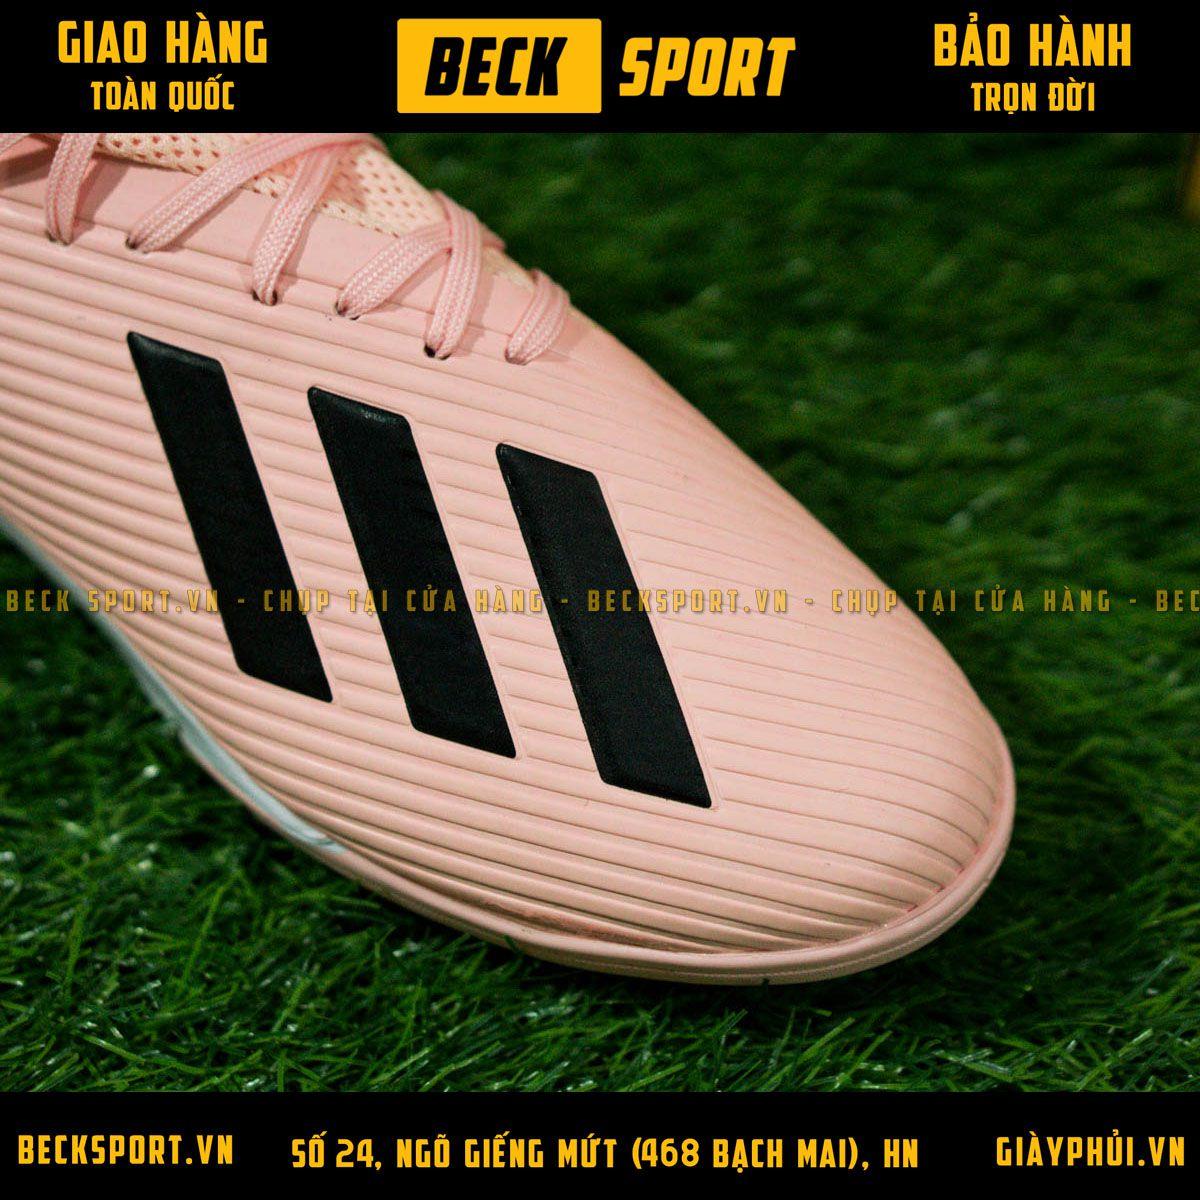 Giày Bóng Đá Adidas X 19.3 Hồng Vạch Đen V2 TF